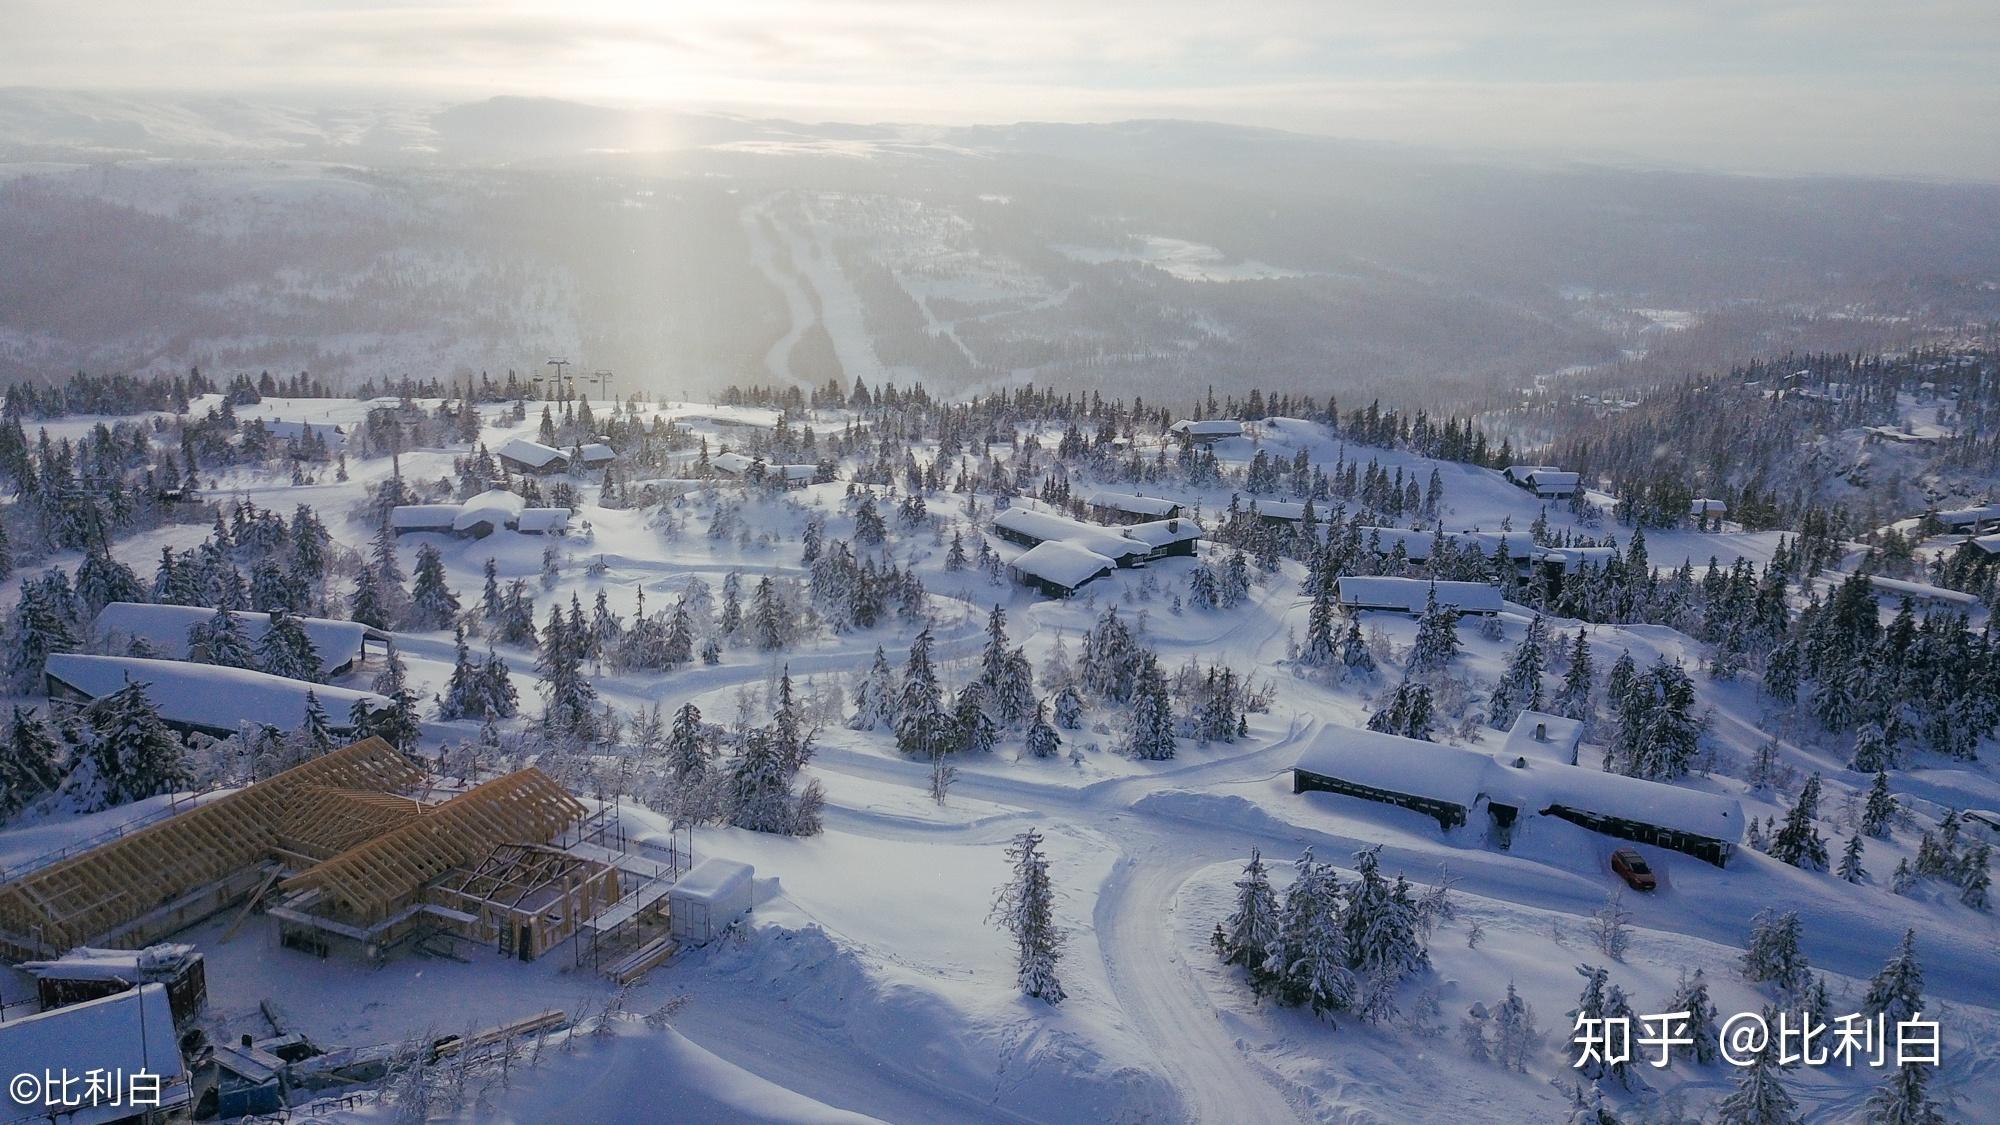 挪威奥斯陆冬奥会_挪威滑雪行记 Part.1 | 去北境,不一样的冬季滑雪体验 - 知乎